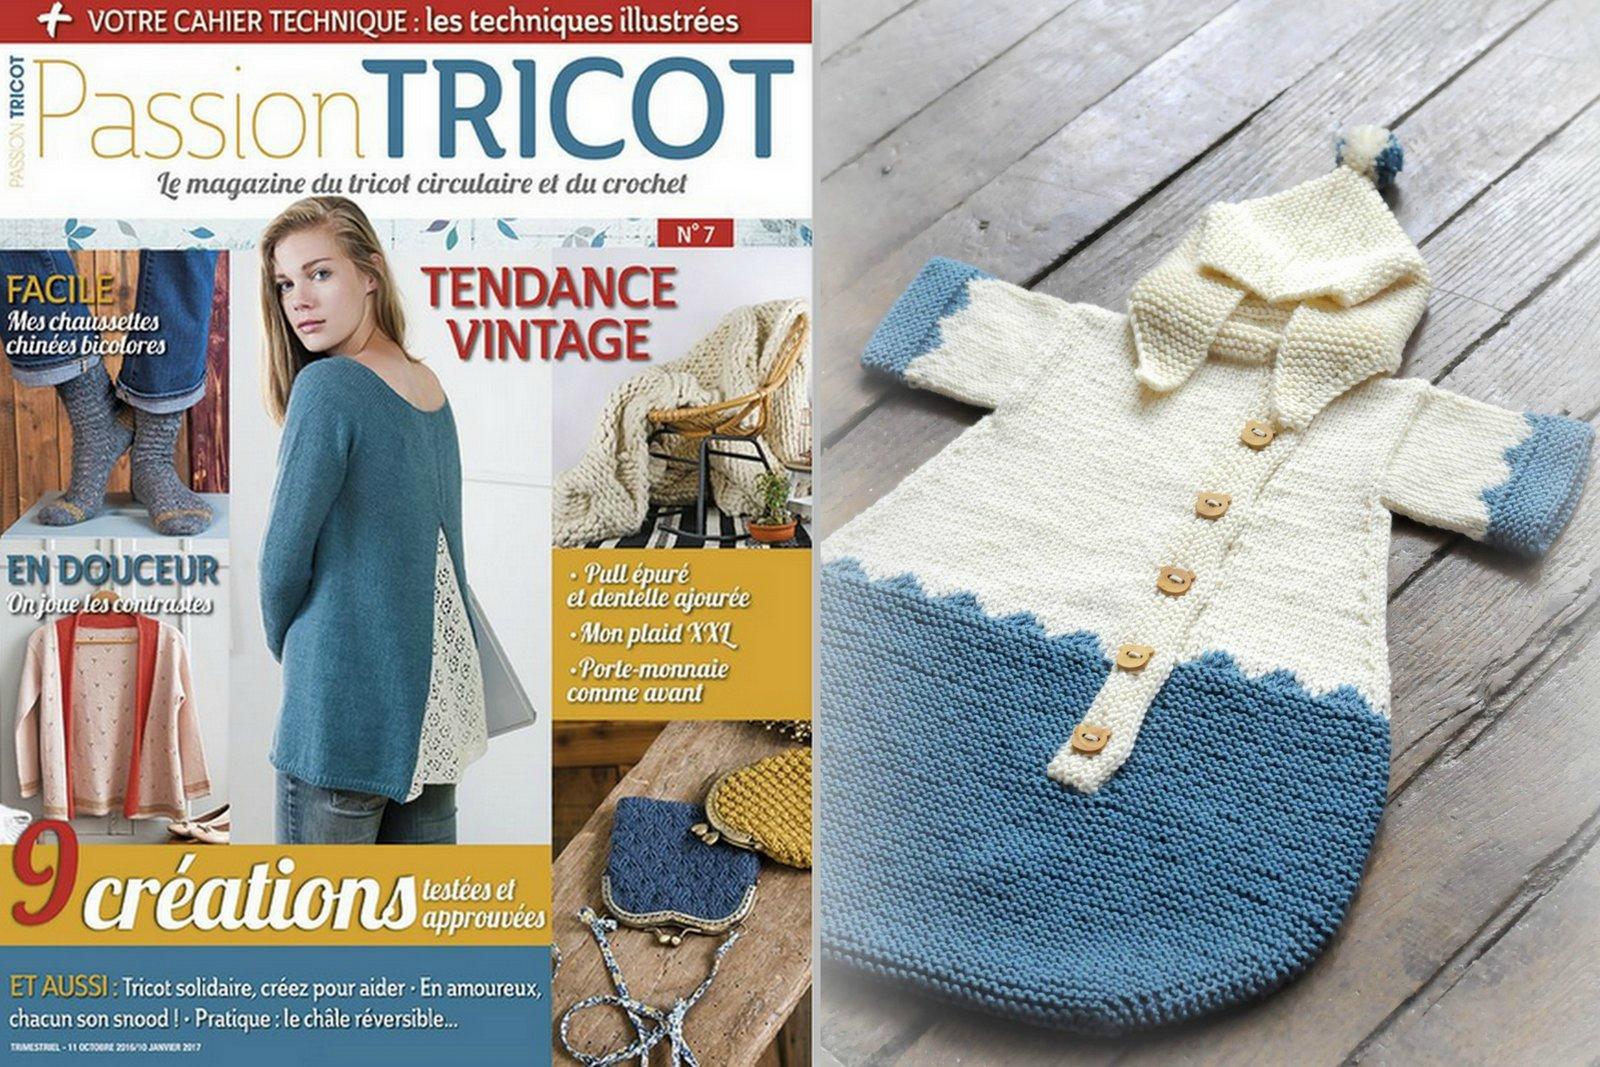 Passion tricot n°7 est disponilble en kiosque et chez votre marchand de  journaux depuis la 10 octobre - c est un trimestriel ! bbdd1bd6213